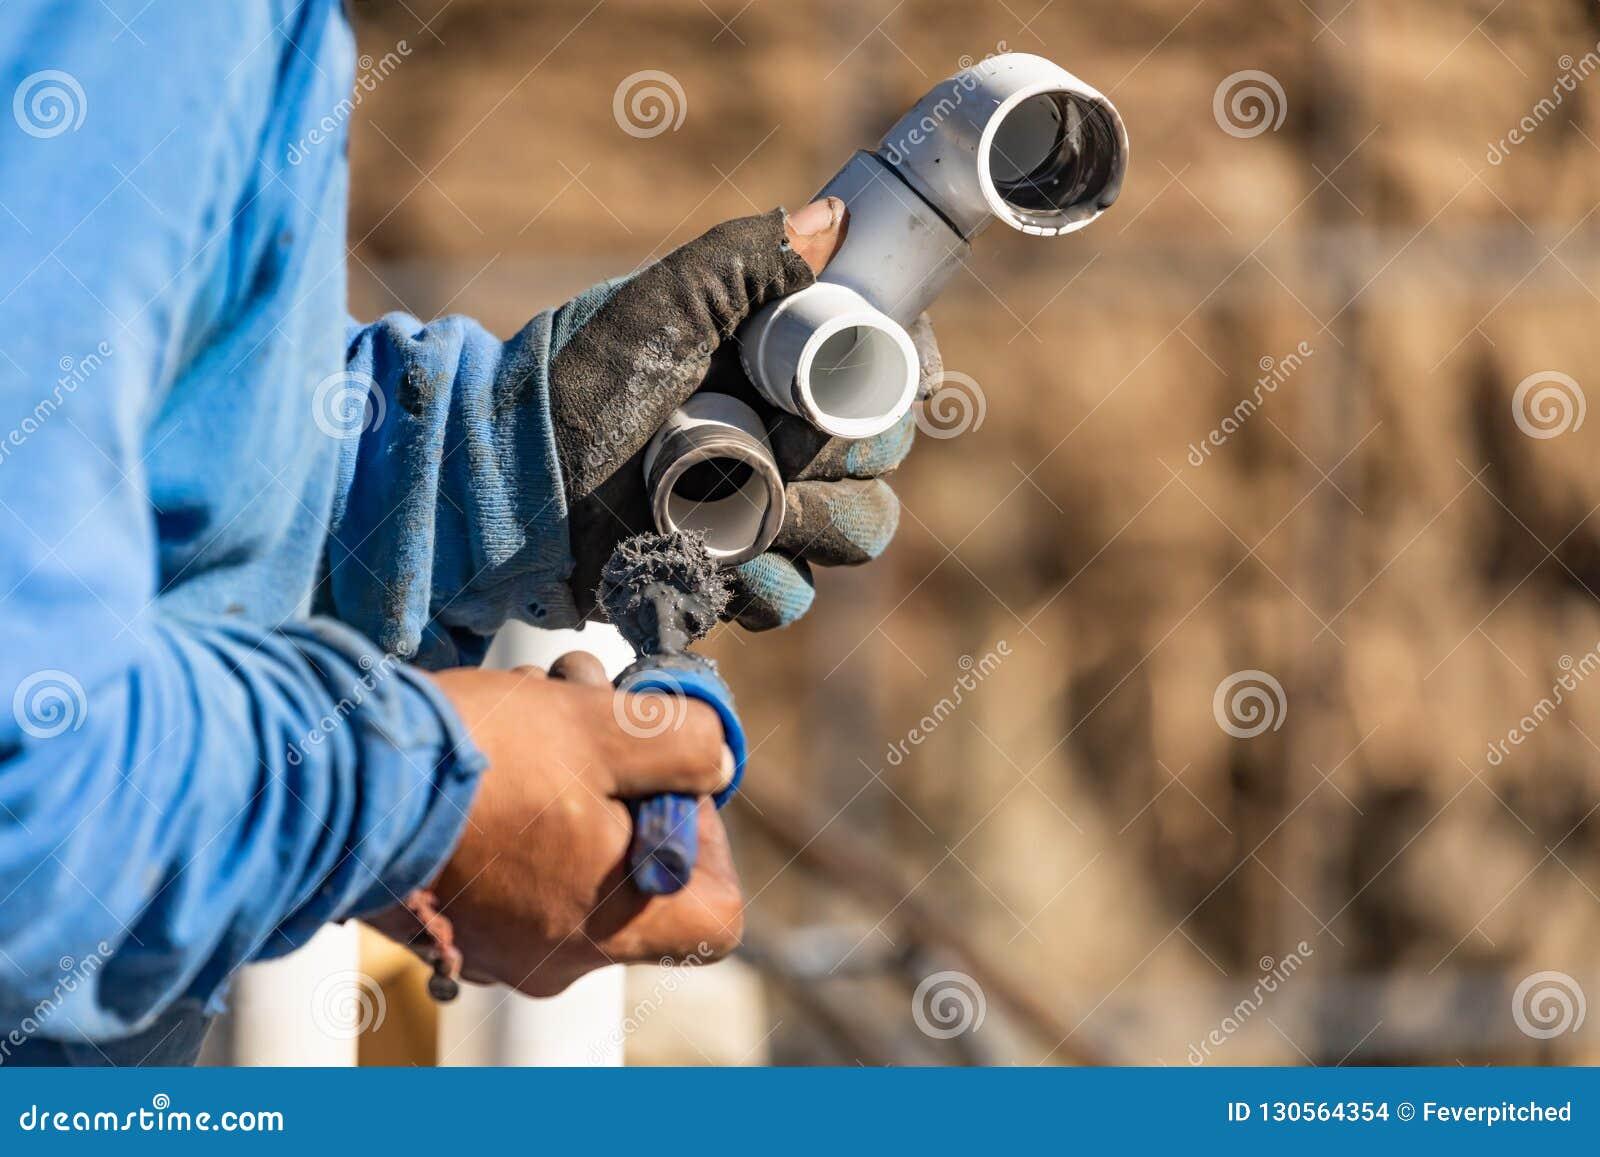 Loodgieter Applying Pipe Cleaner, Inleiding en Lijm aan pvc-Pijpen